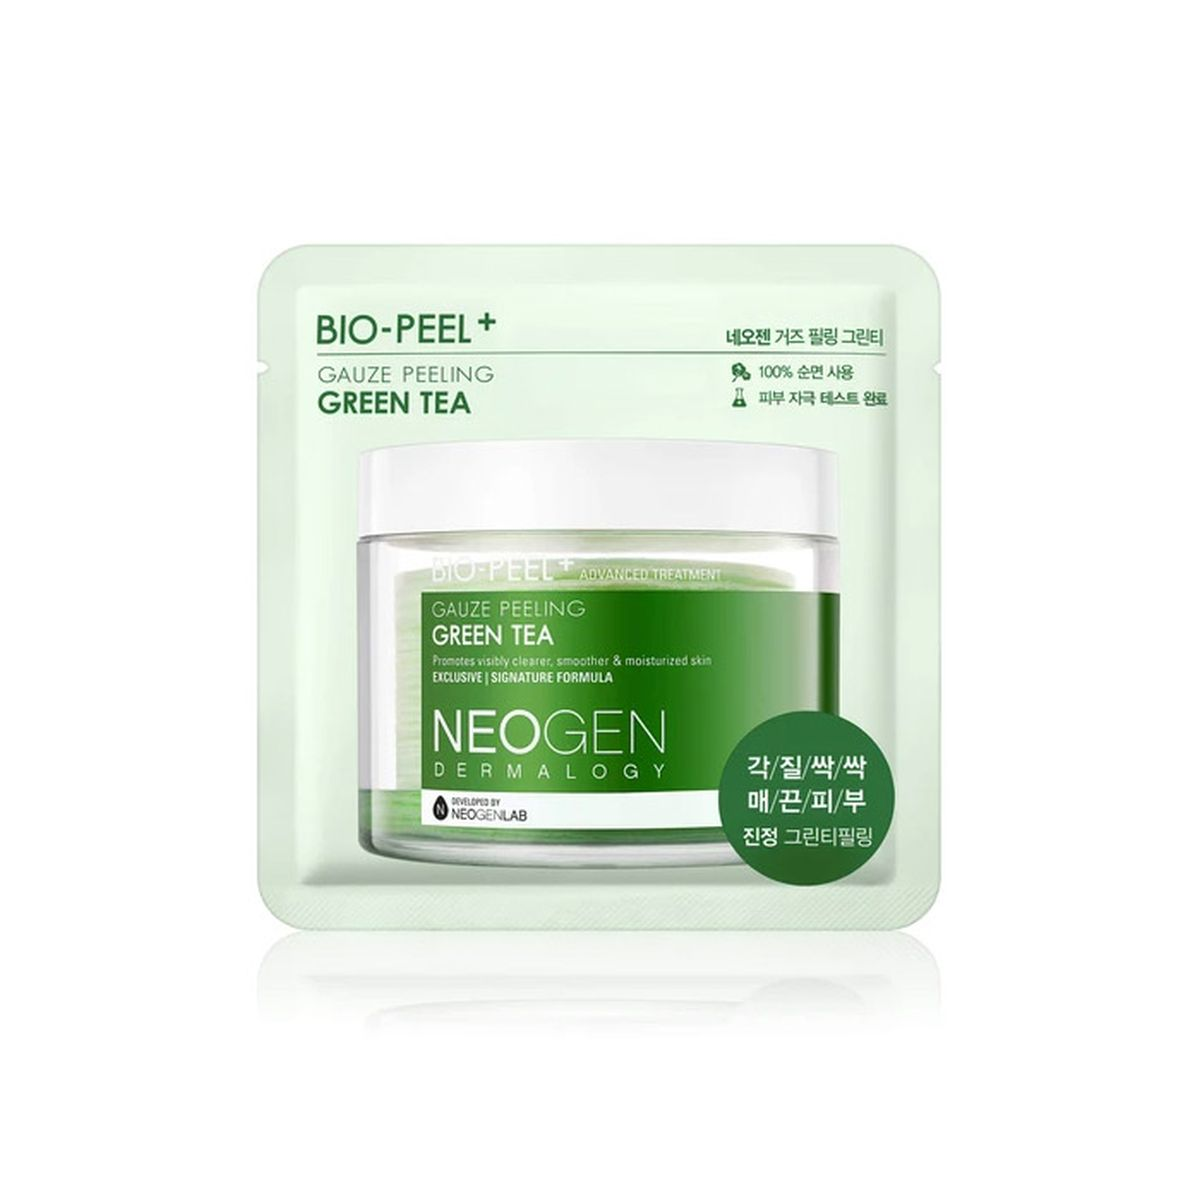 Очищающий пэд с зеленым чаем Neogen Dermatology Bio-Peel Gauze Peeling Green Tea - 1 шт